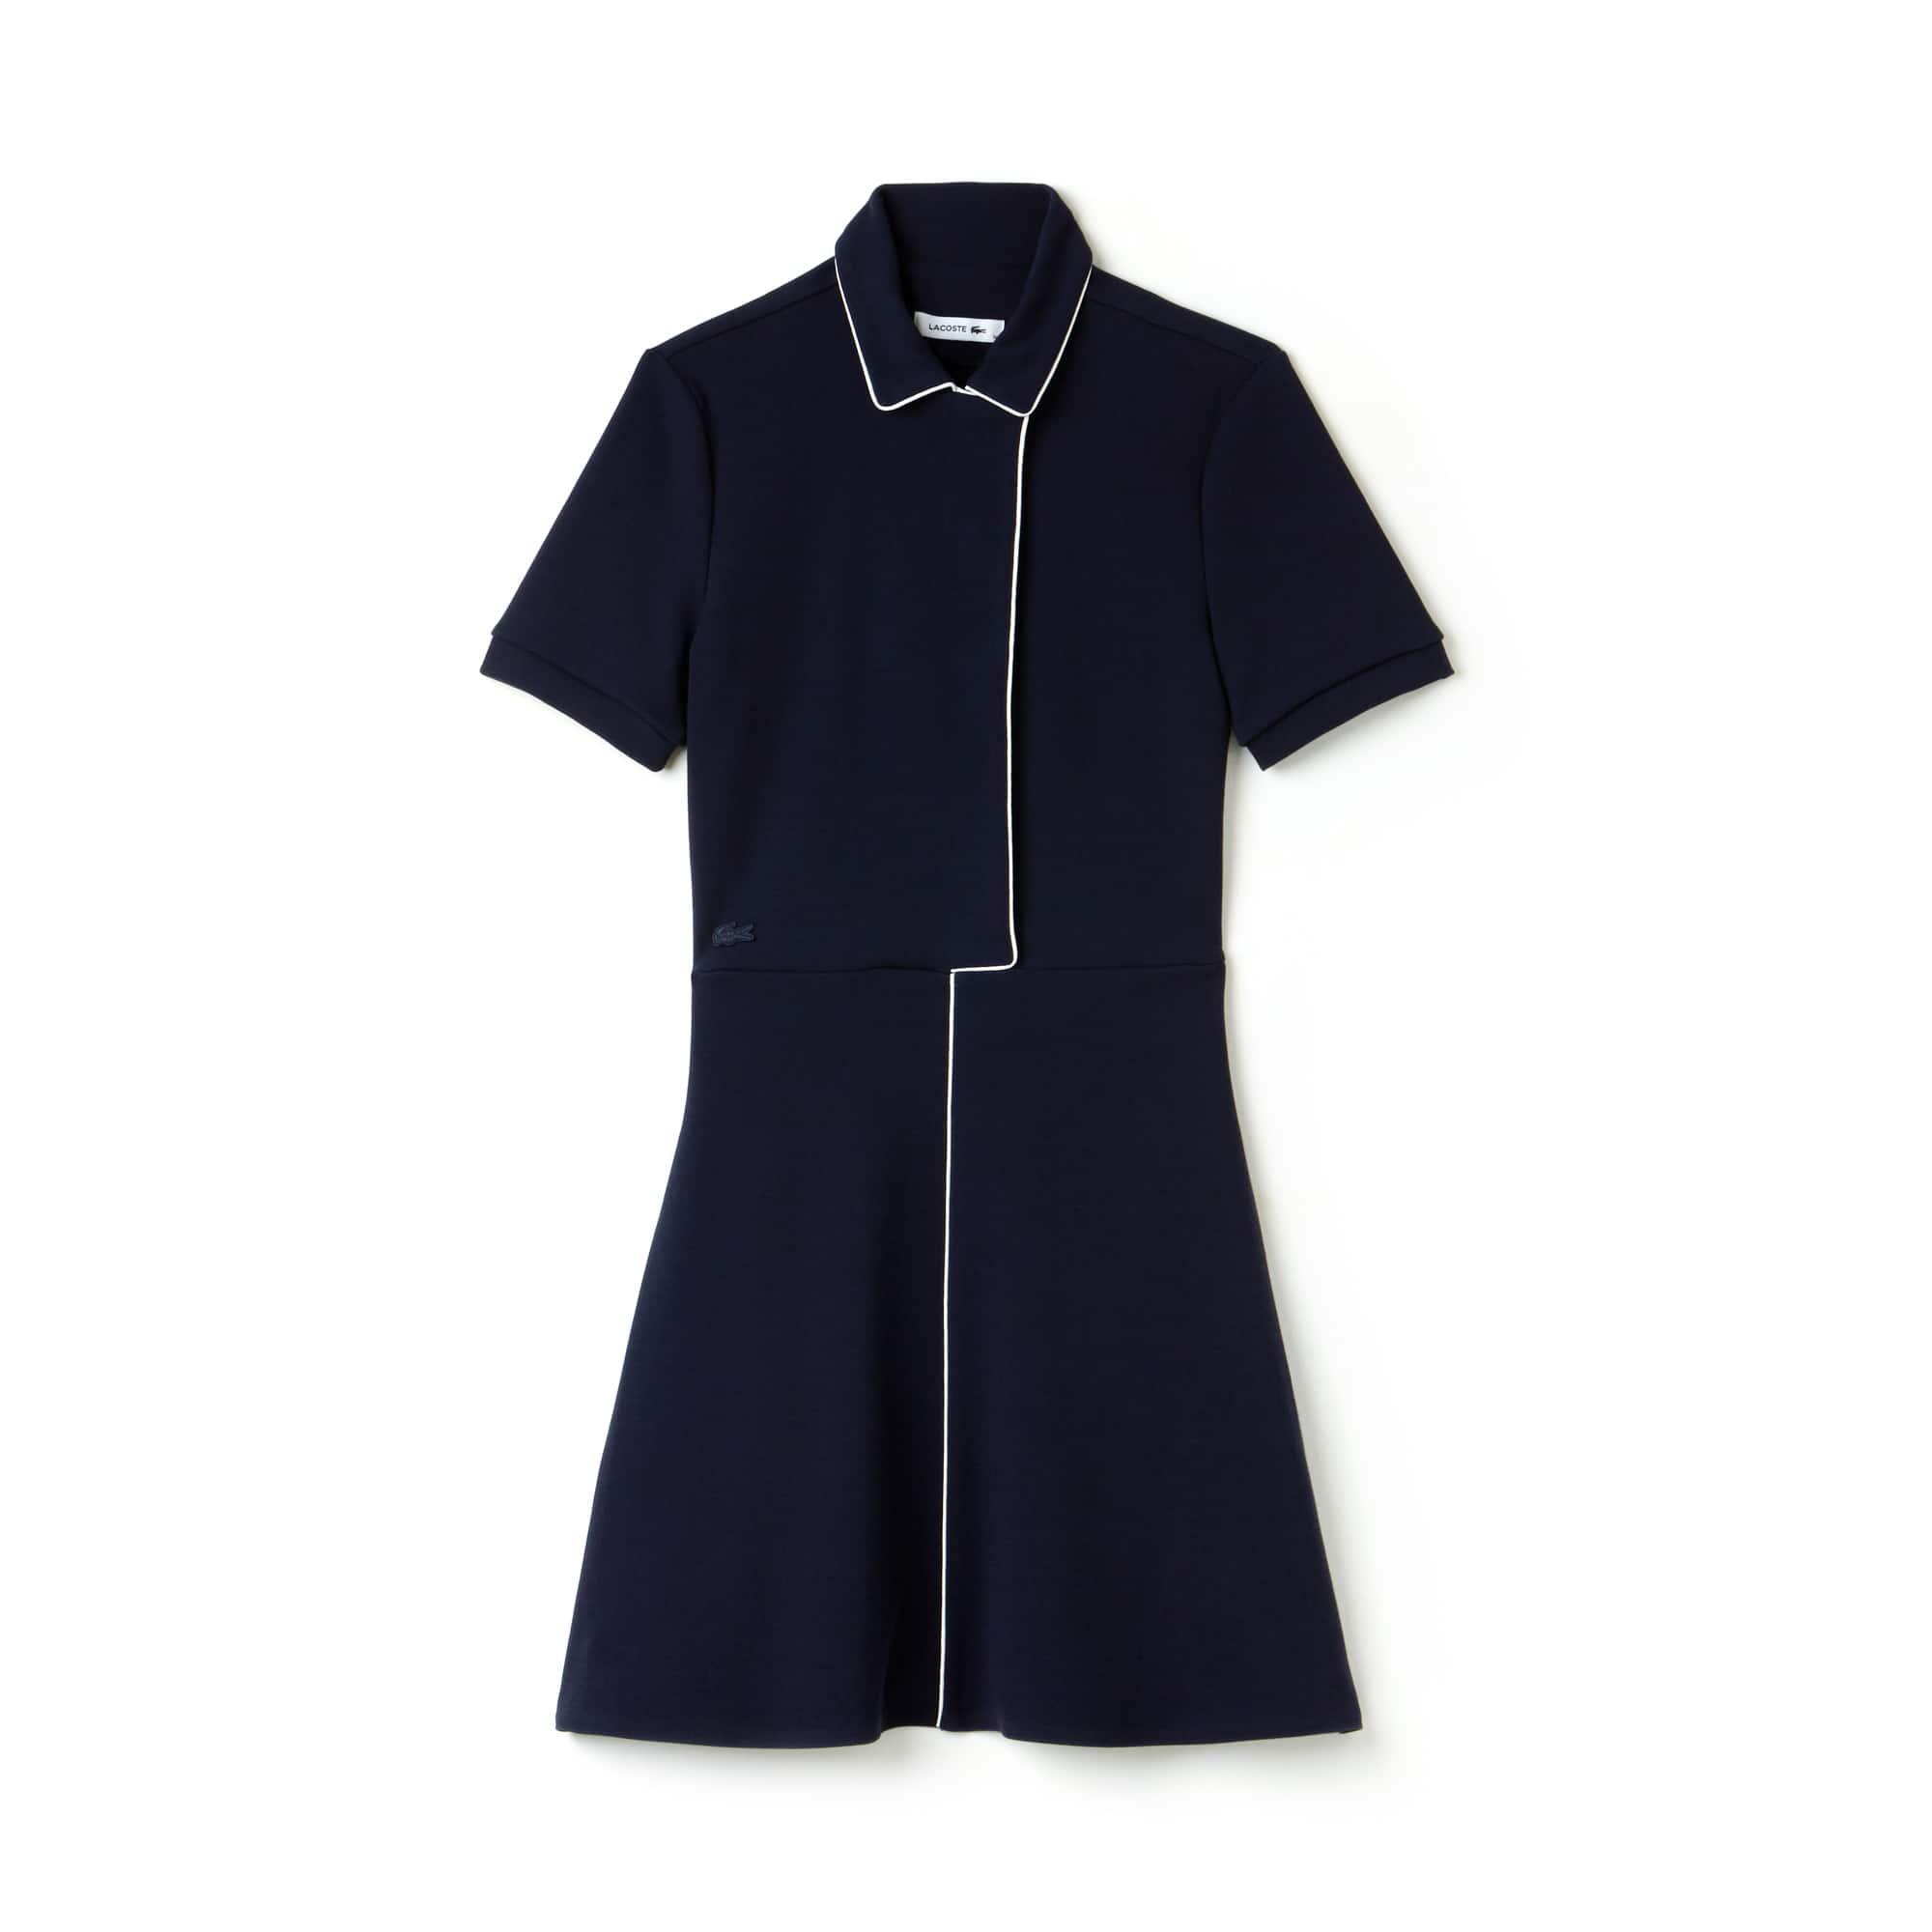 Damen ausgestelltes Kleid aus Baumwoll-Interlock mit Paspeln